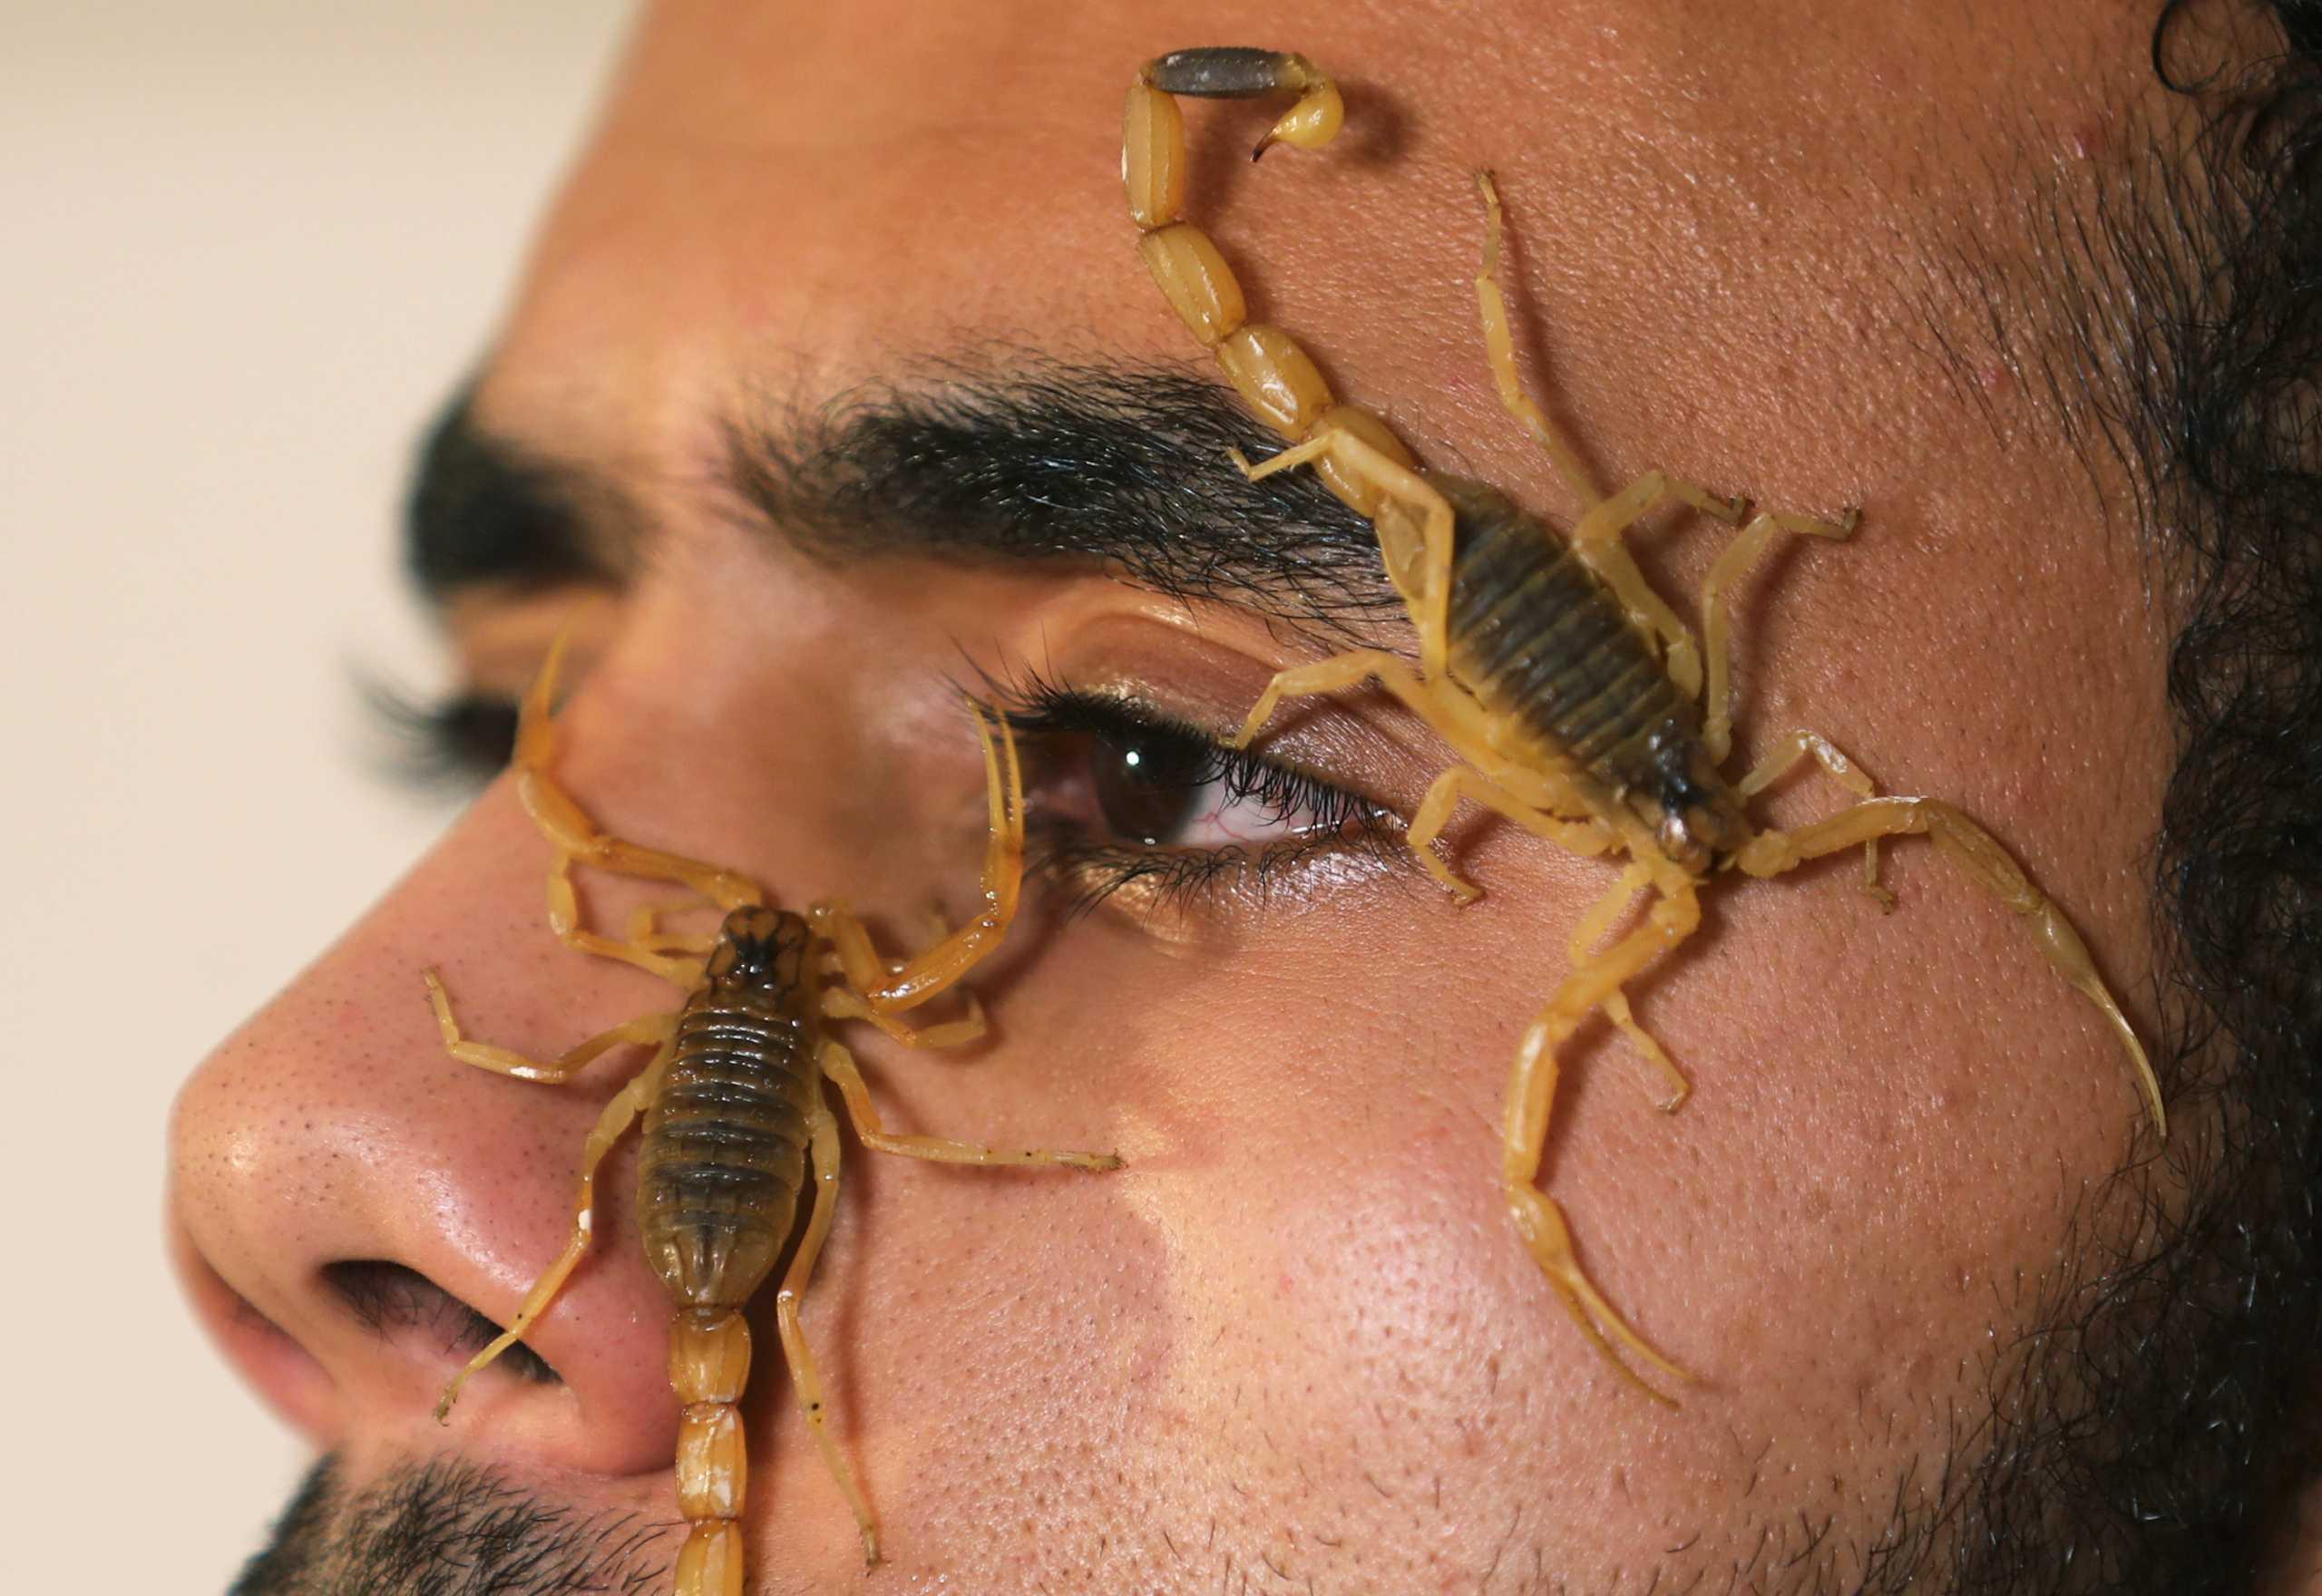 Ο γητευτής των σκορπιών που έγινε πάμπλουτος φτιάχνοντας αντίδοτο στο δηλητήριό τους (pics)